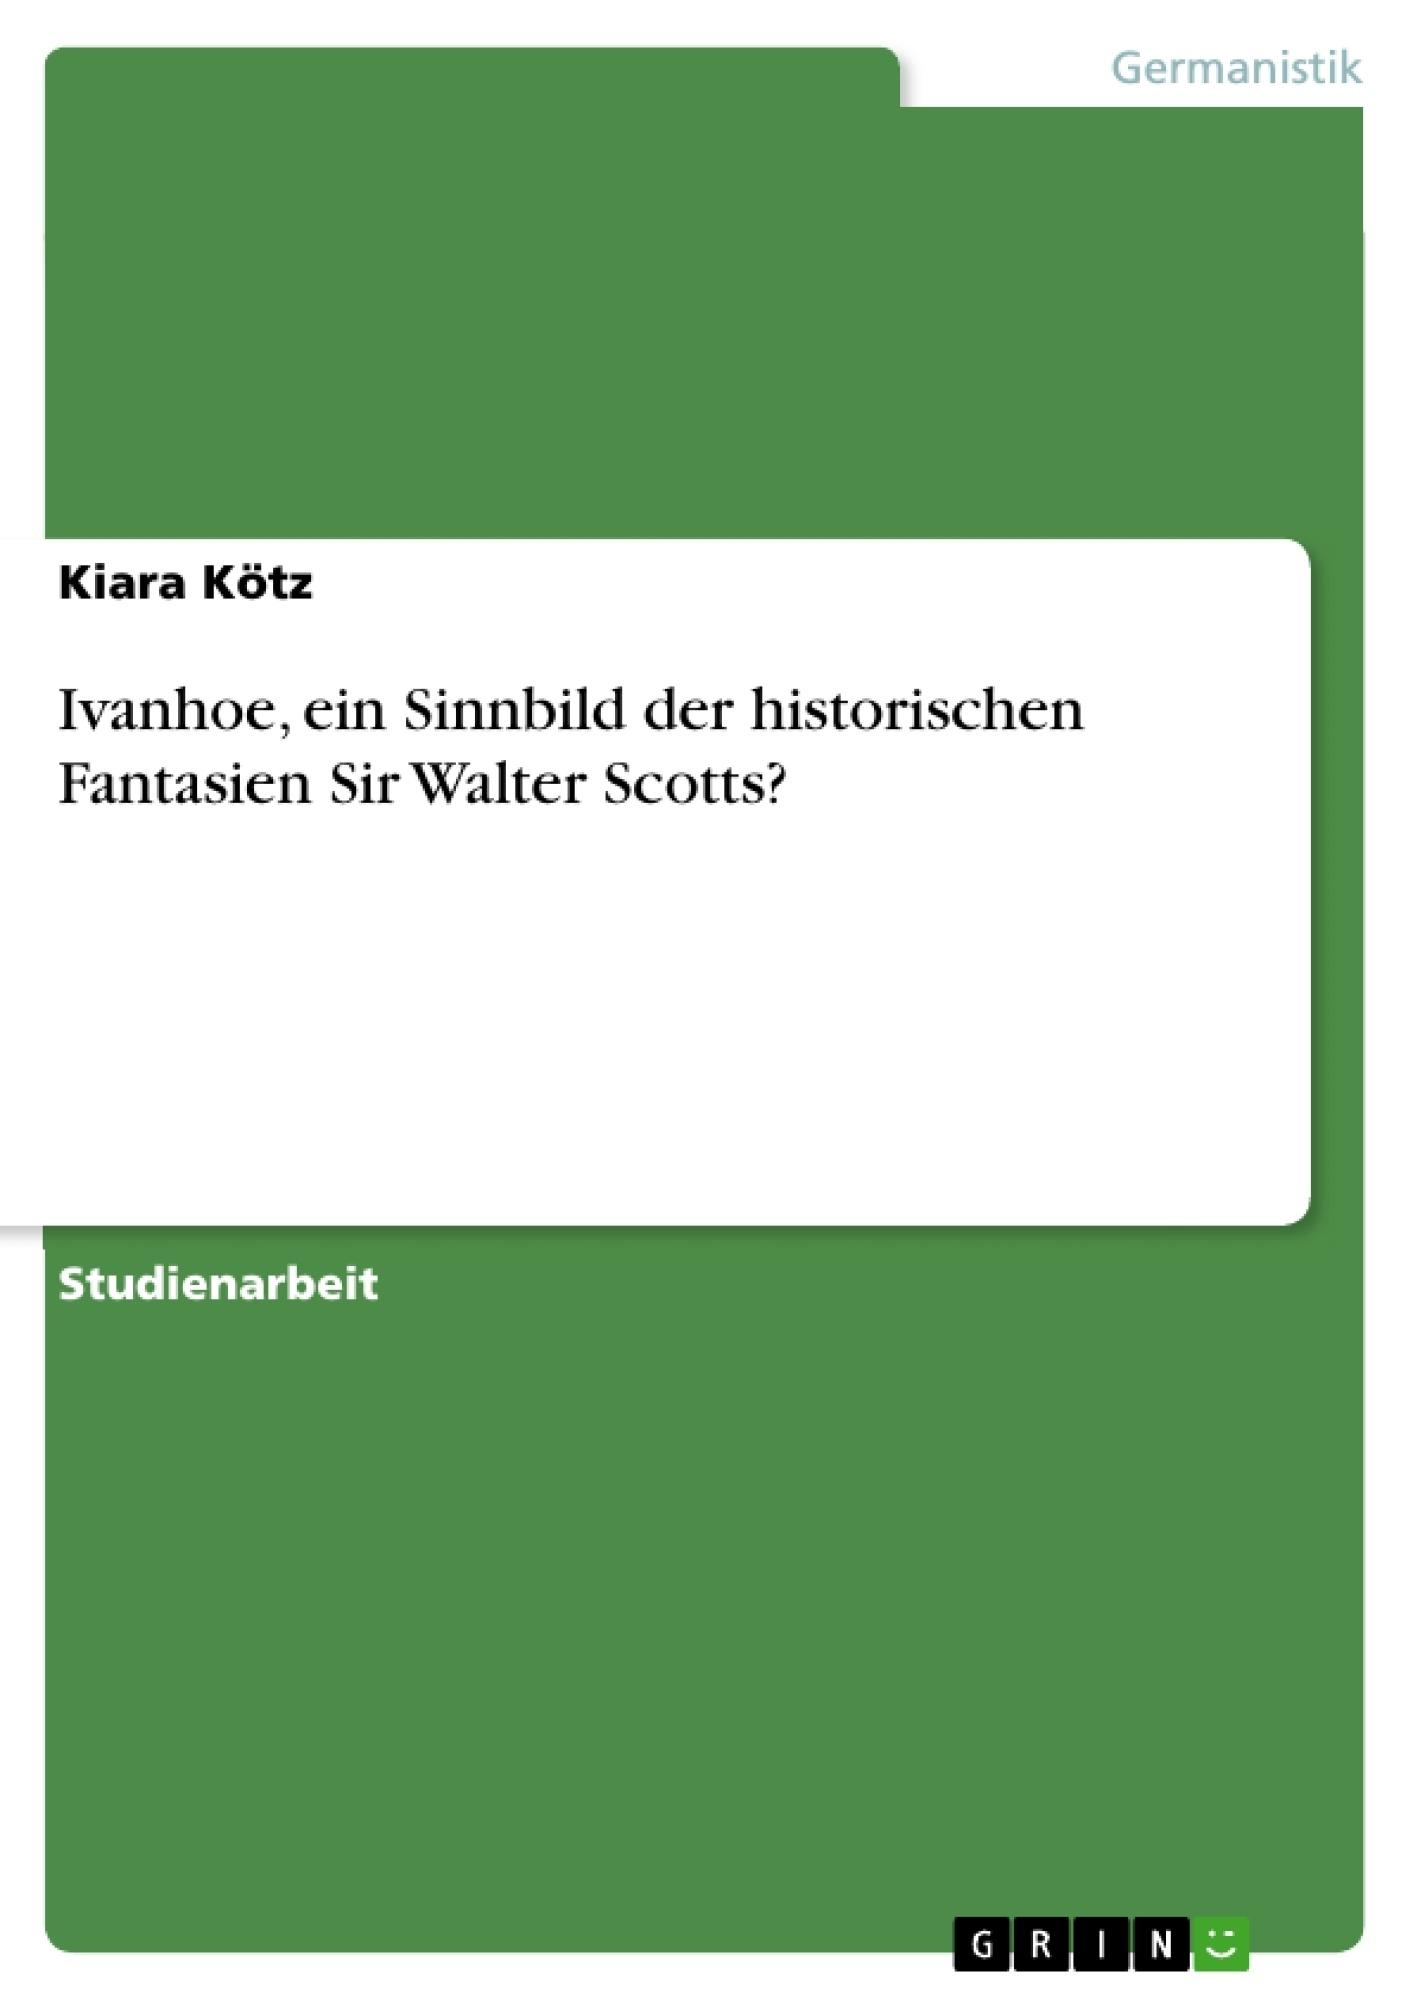 Titel: Ivanhoe, ein Sinnbild der historischen Fantasien Sir Walter Scotts?